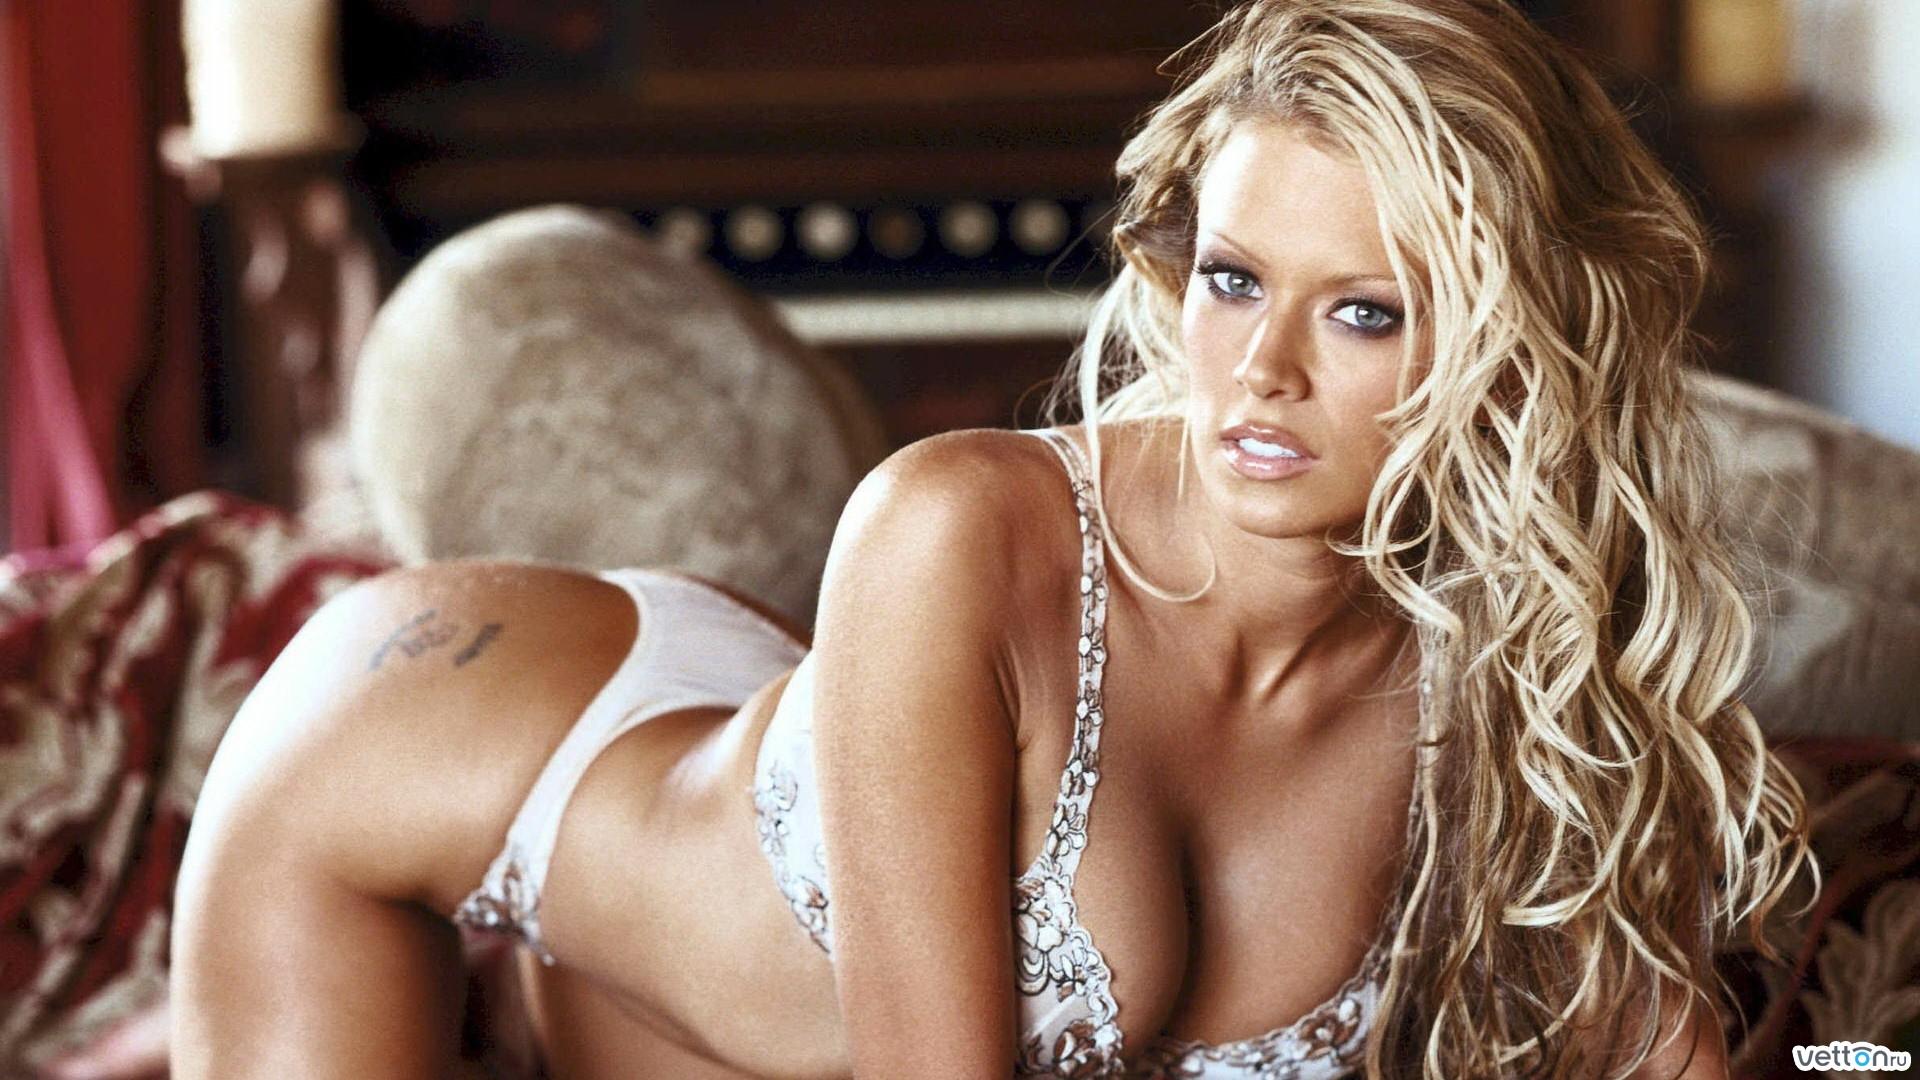 Самые лучшие порнозвезды онлайн 15 фотография